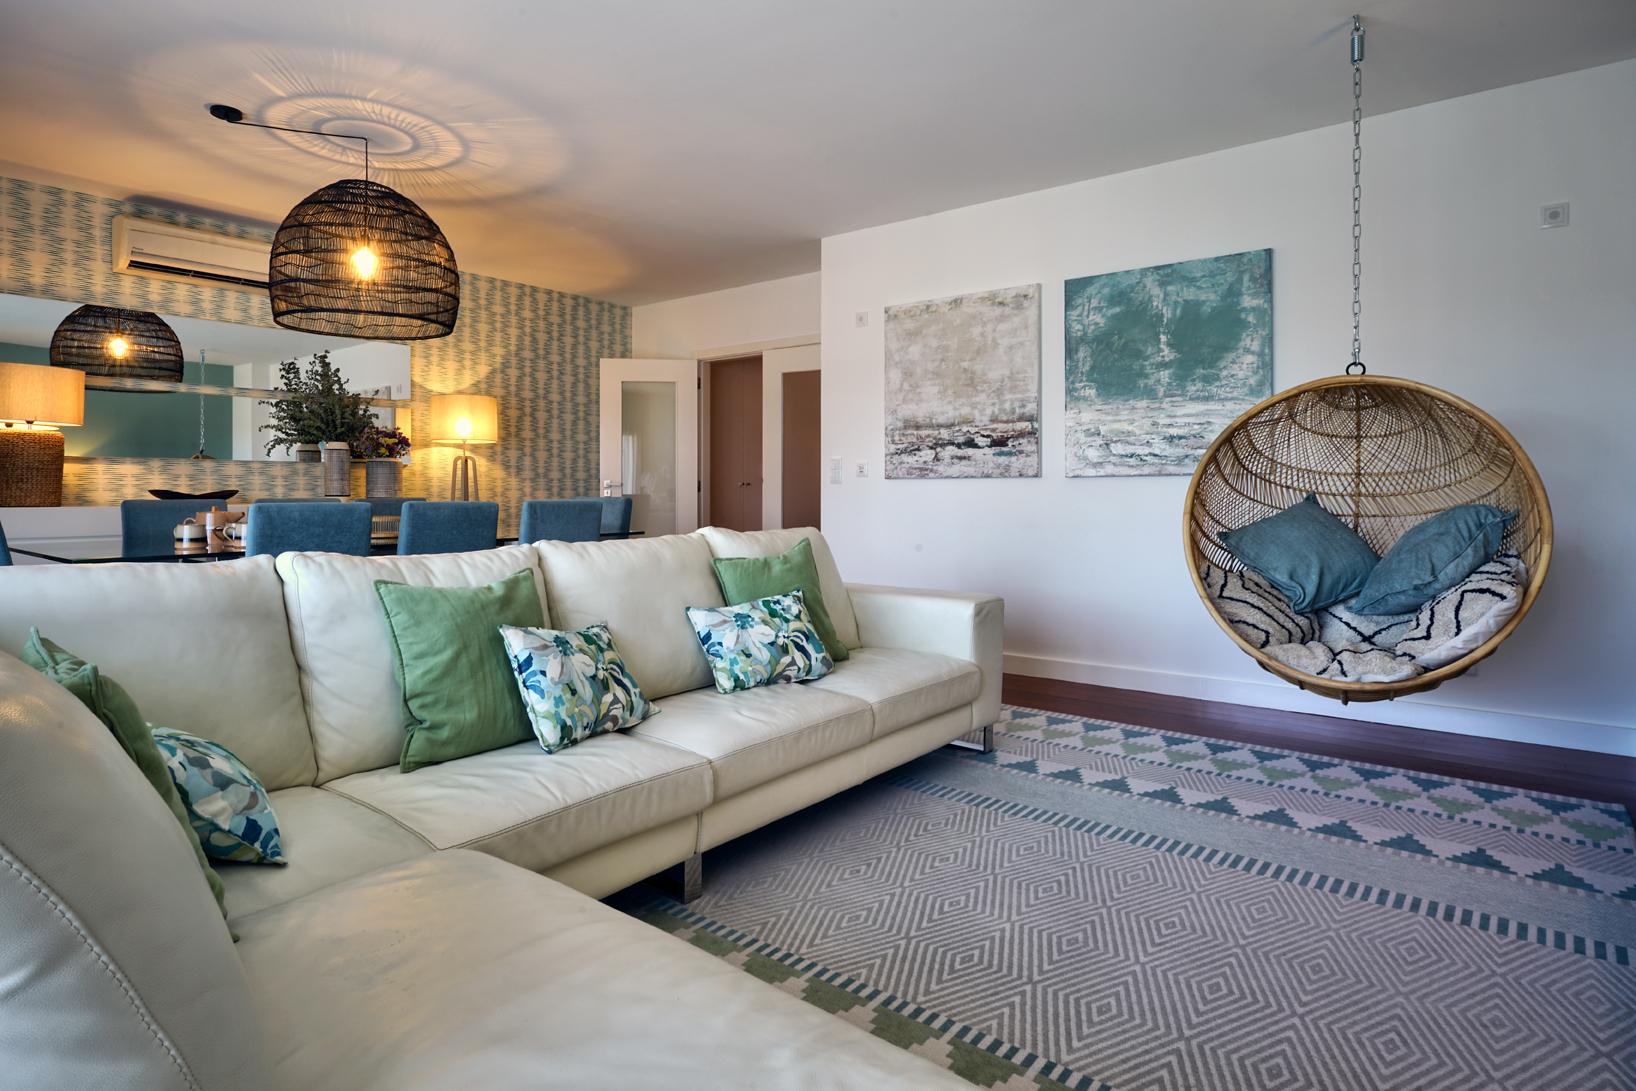 Sala de estar em tons verdes e com baloiço